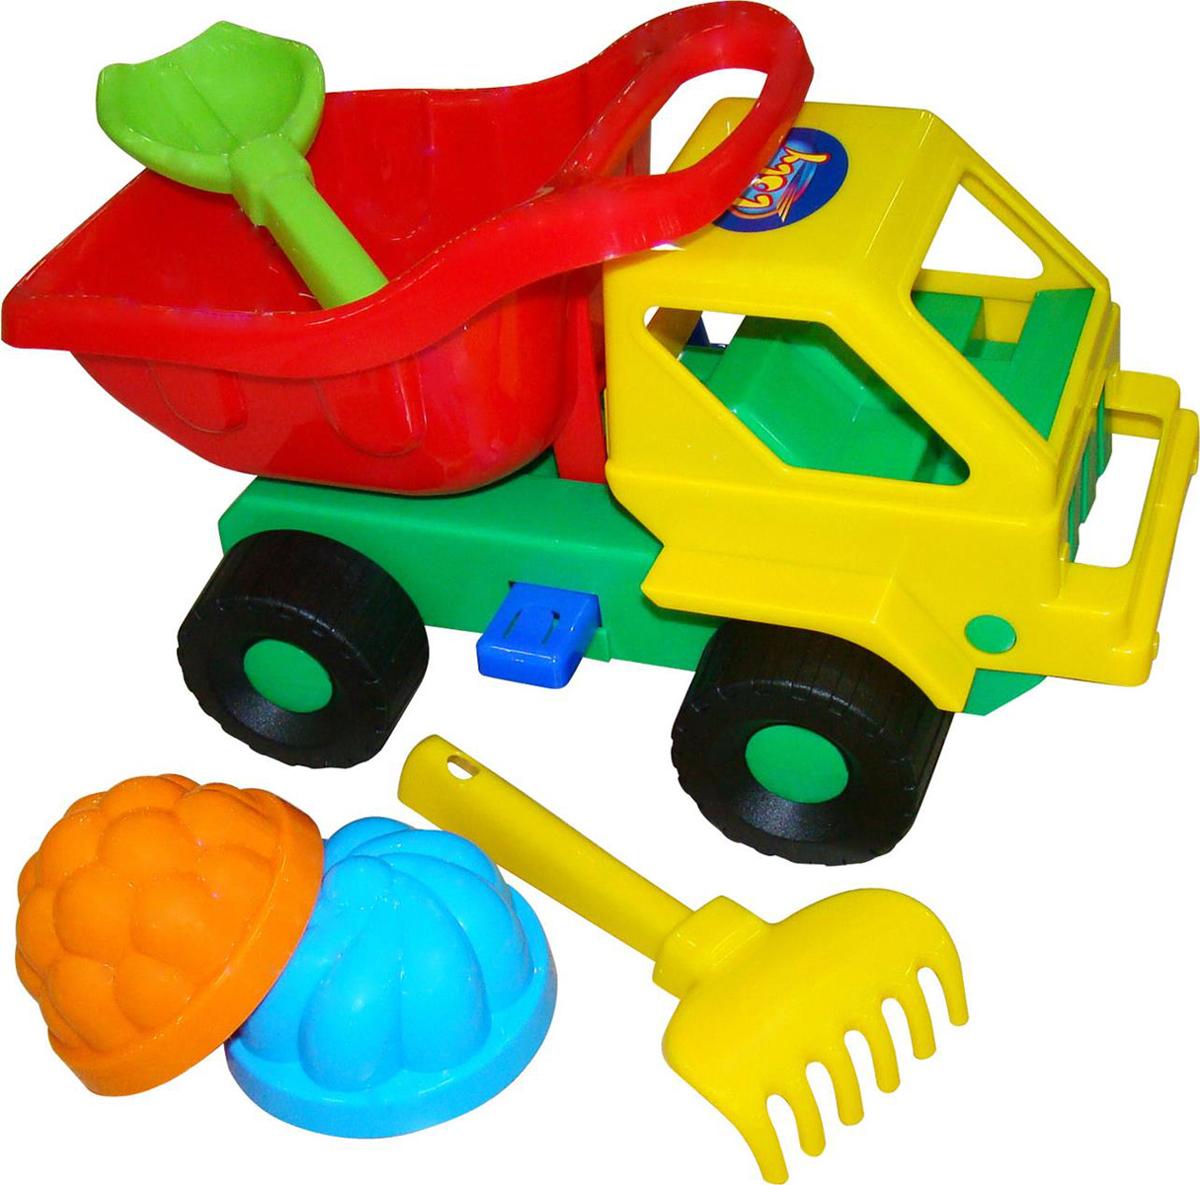 Полесье Набор игрушек для песочницы №48 Кузя-2 набор для песочницы полесье 41 кузя 2